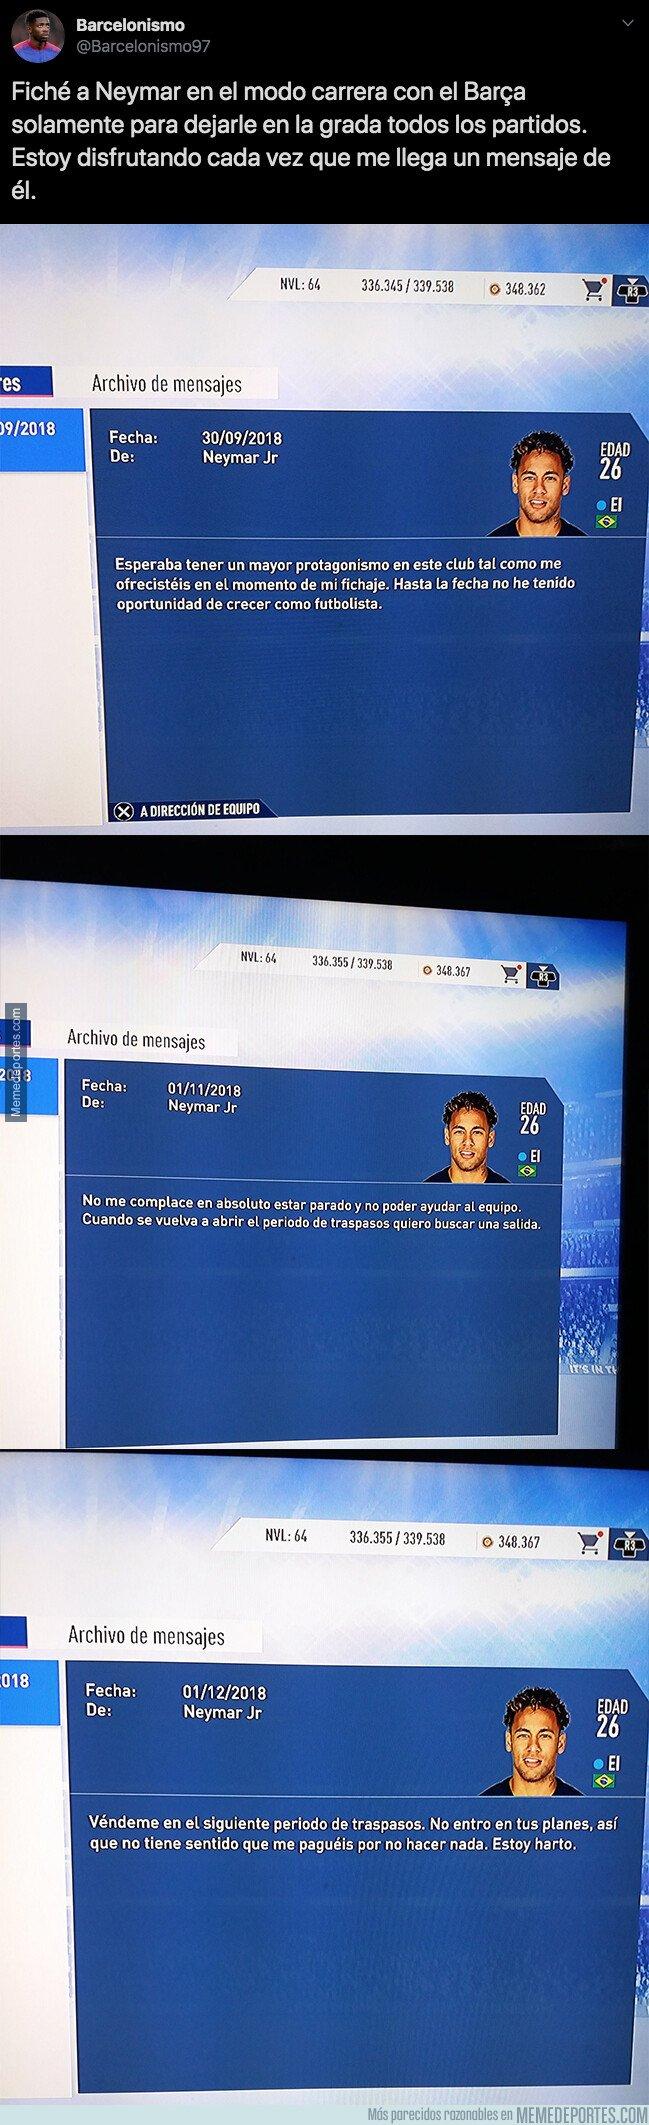 1083911 - Un aficionado del Barça ficha a Neymar en el modo carrera del FIFA para sentarle en el banquillo y así termina la historia